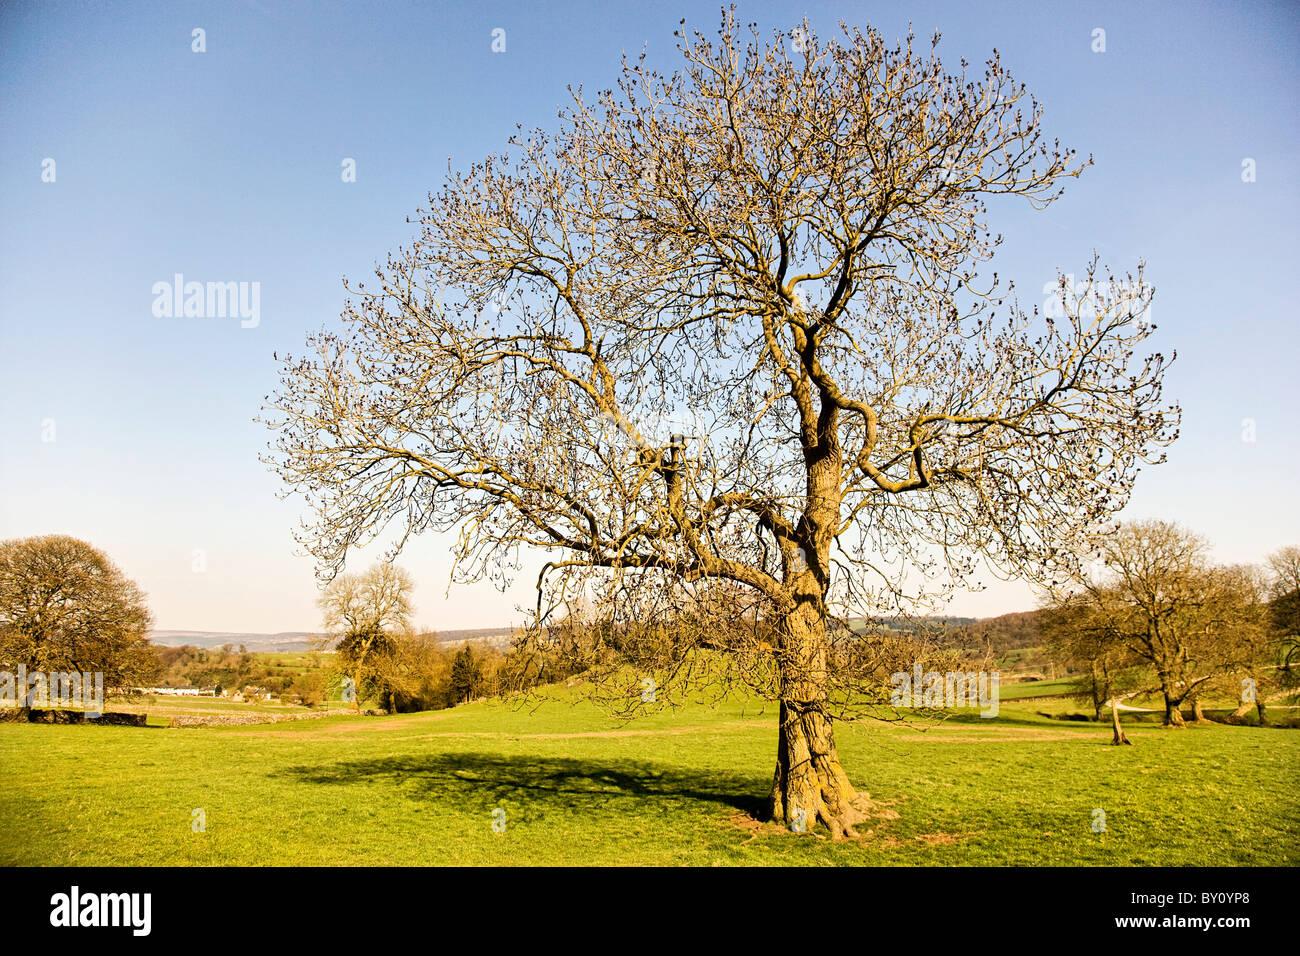 Esche Fraxinus Excelsior im zeitigen Frühjahr wächst in typischen Hochland Kalkstein Lebensraum in Derbyshire Stockbild